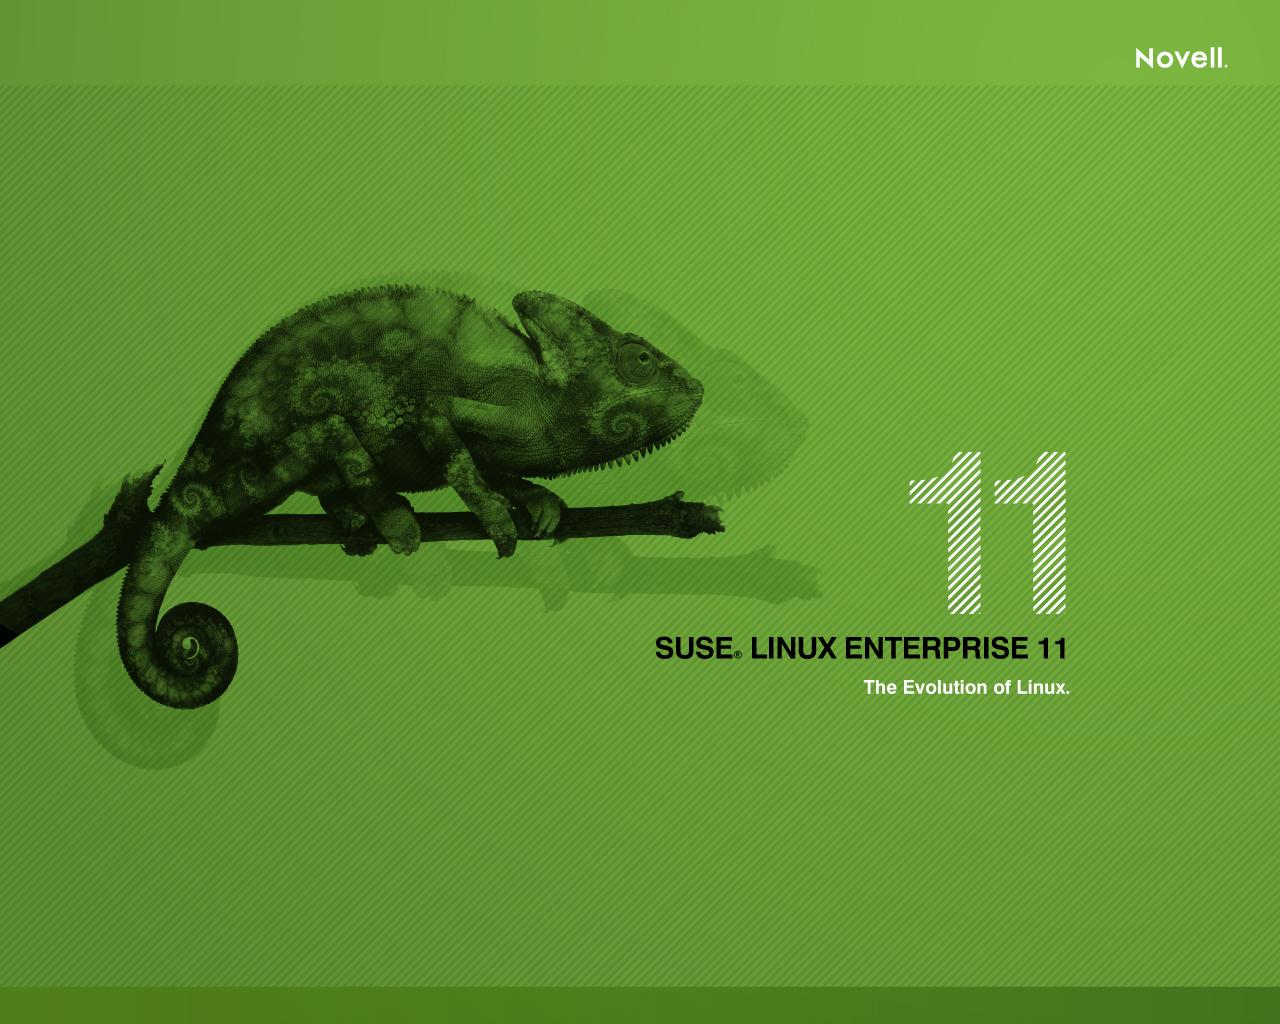 suse linux дистрибутив: